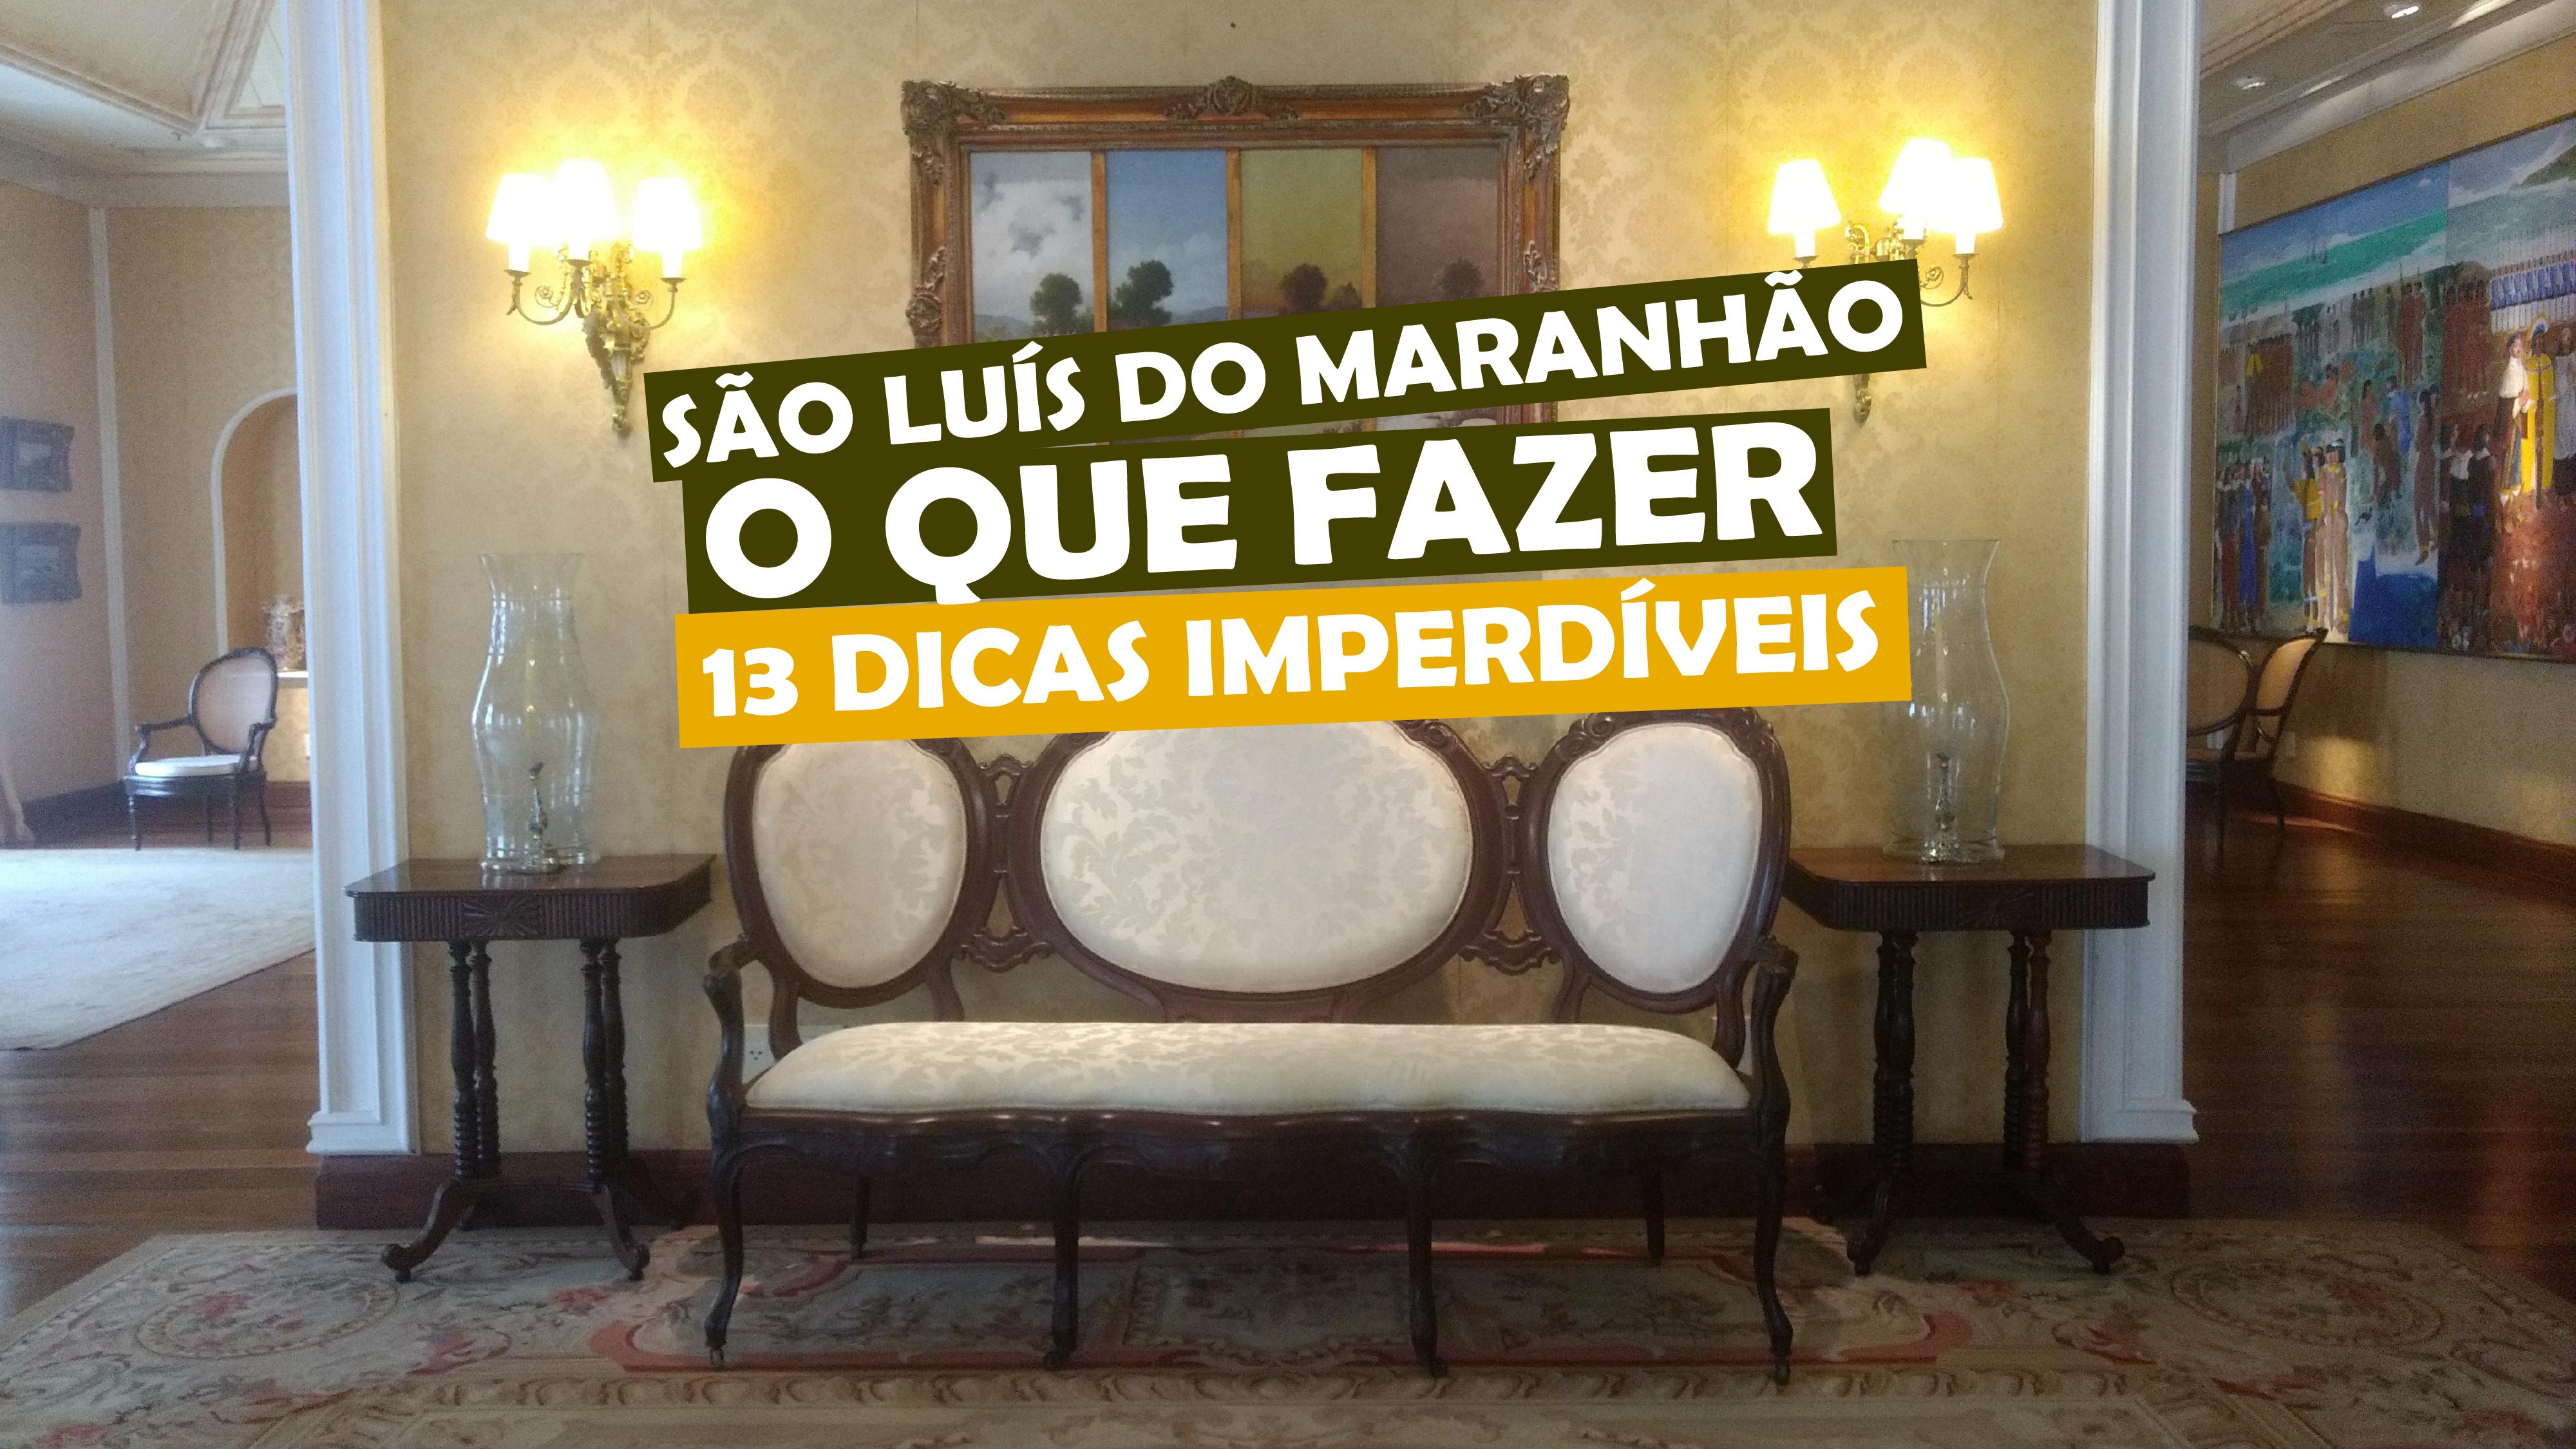 You are currently viewing São Luís do Maranhão: o que fazer 13 dicas imperdíveis